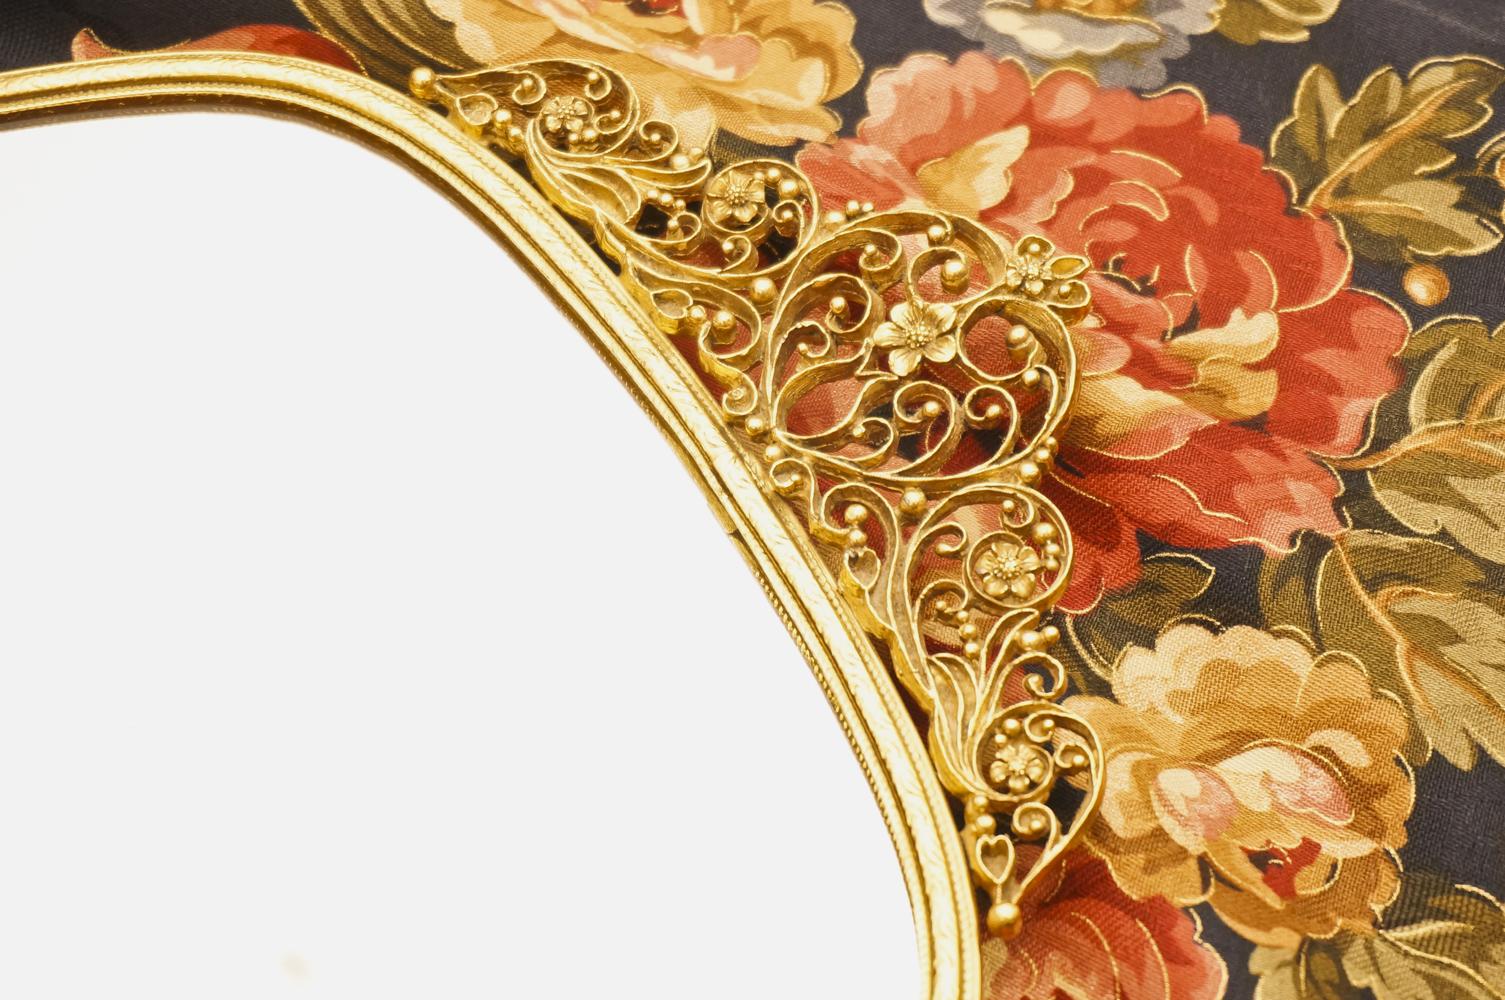 マトソン製 ゴールド フラワーハート バニティミラートレー 拡大